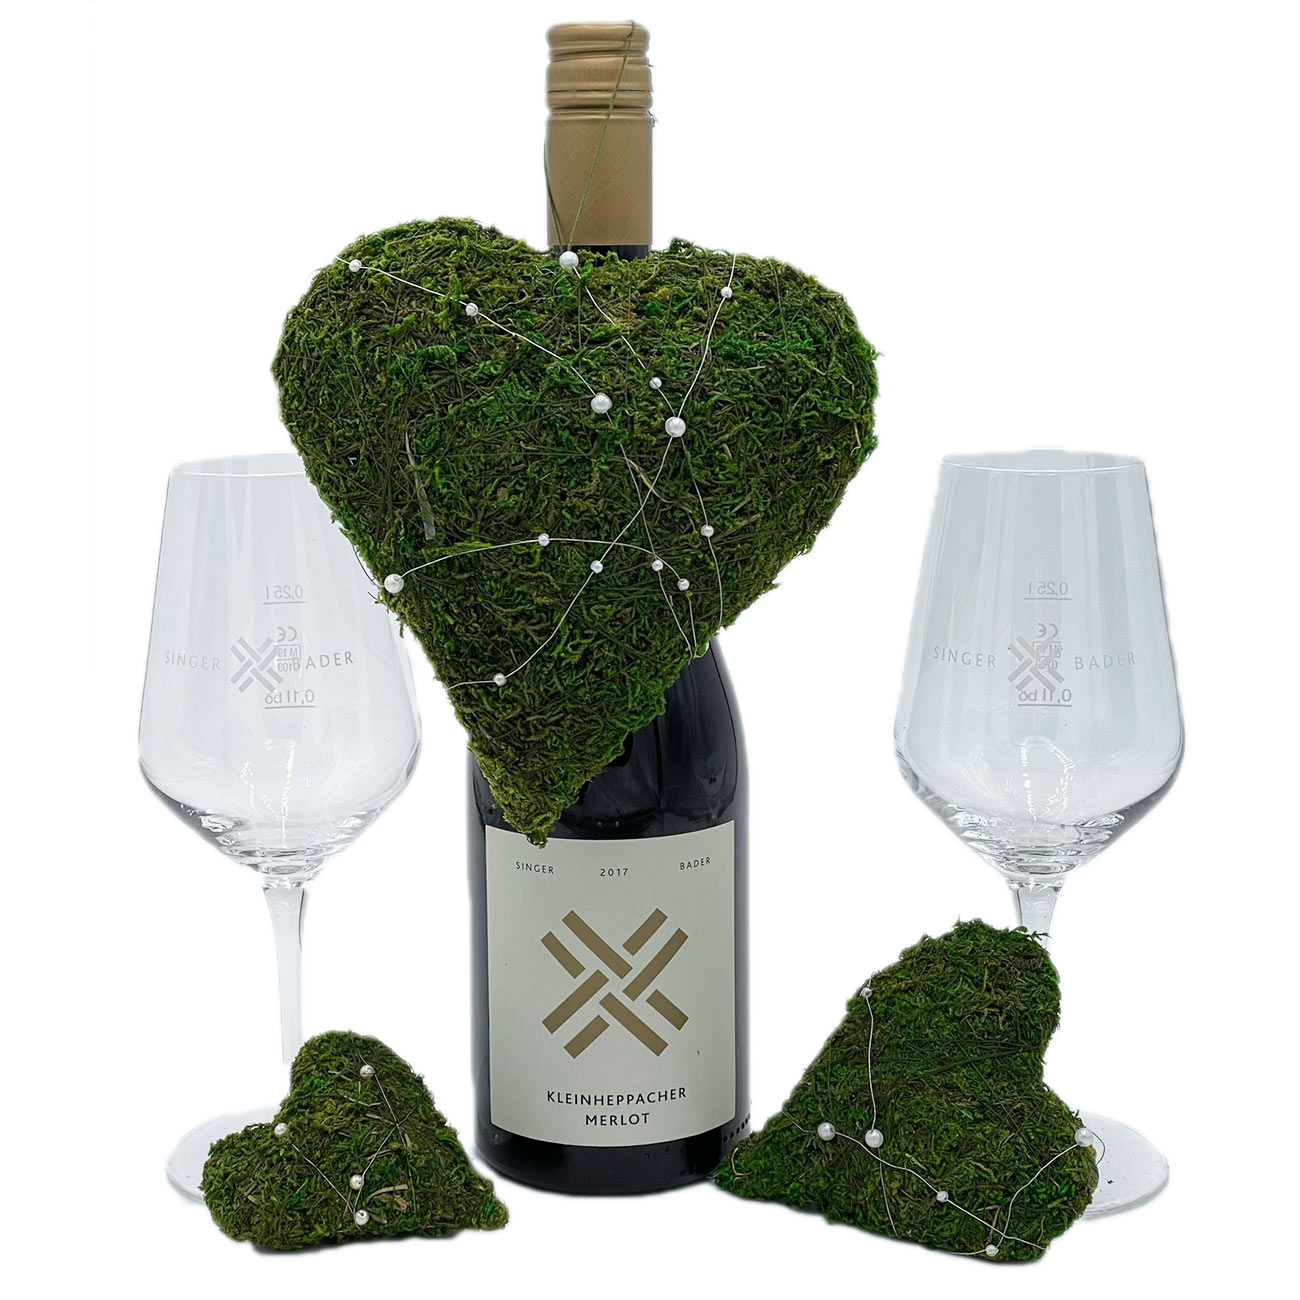 Weinkorb: Rendezvouz-Paket mit Gläsern